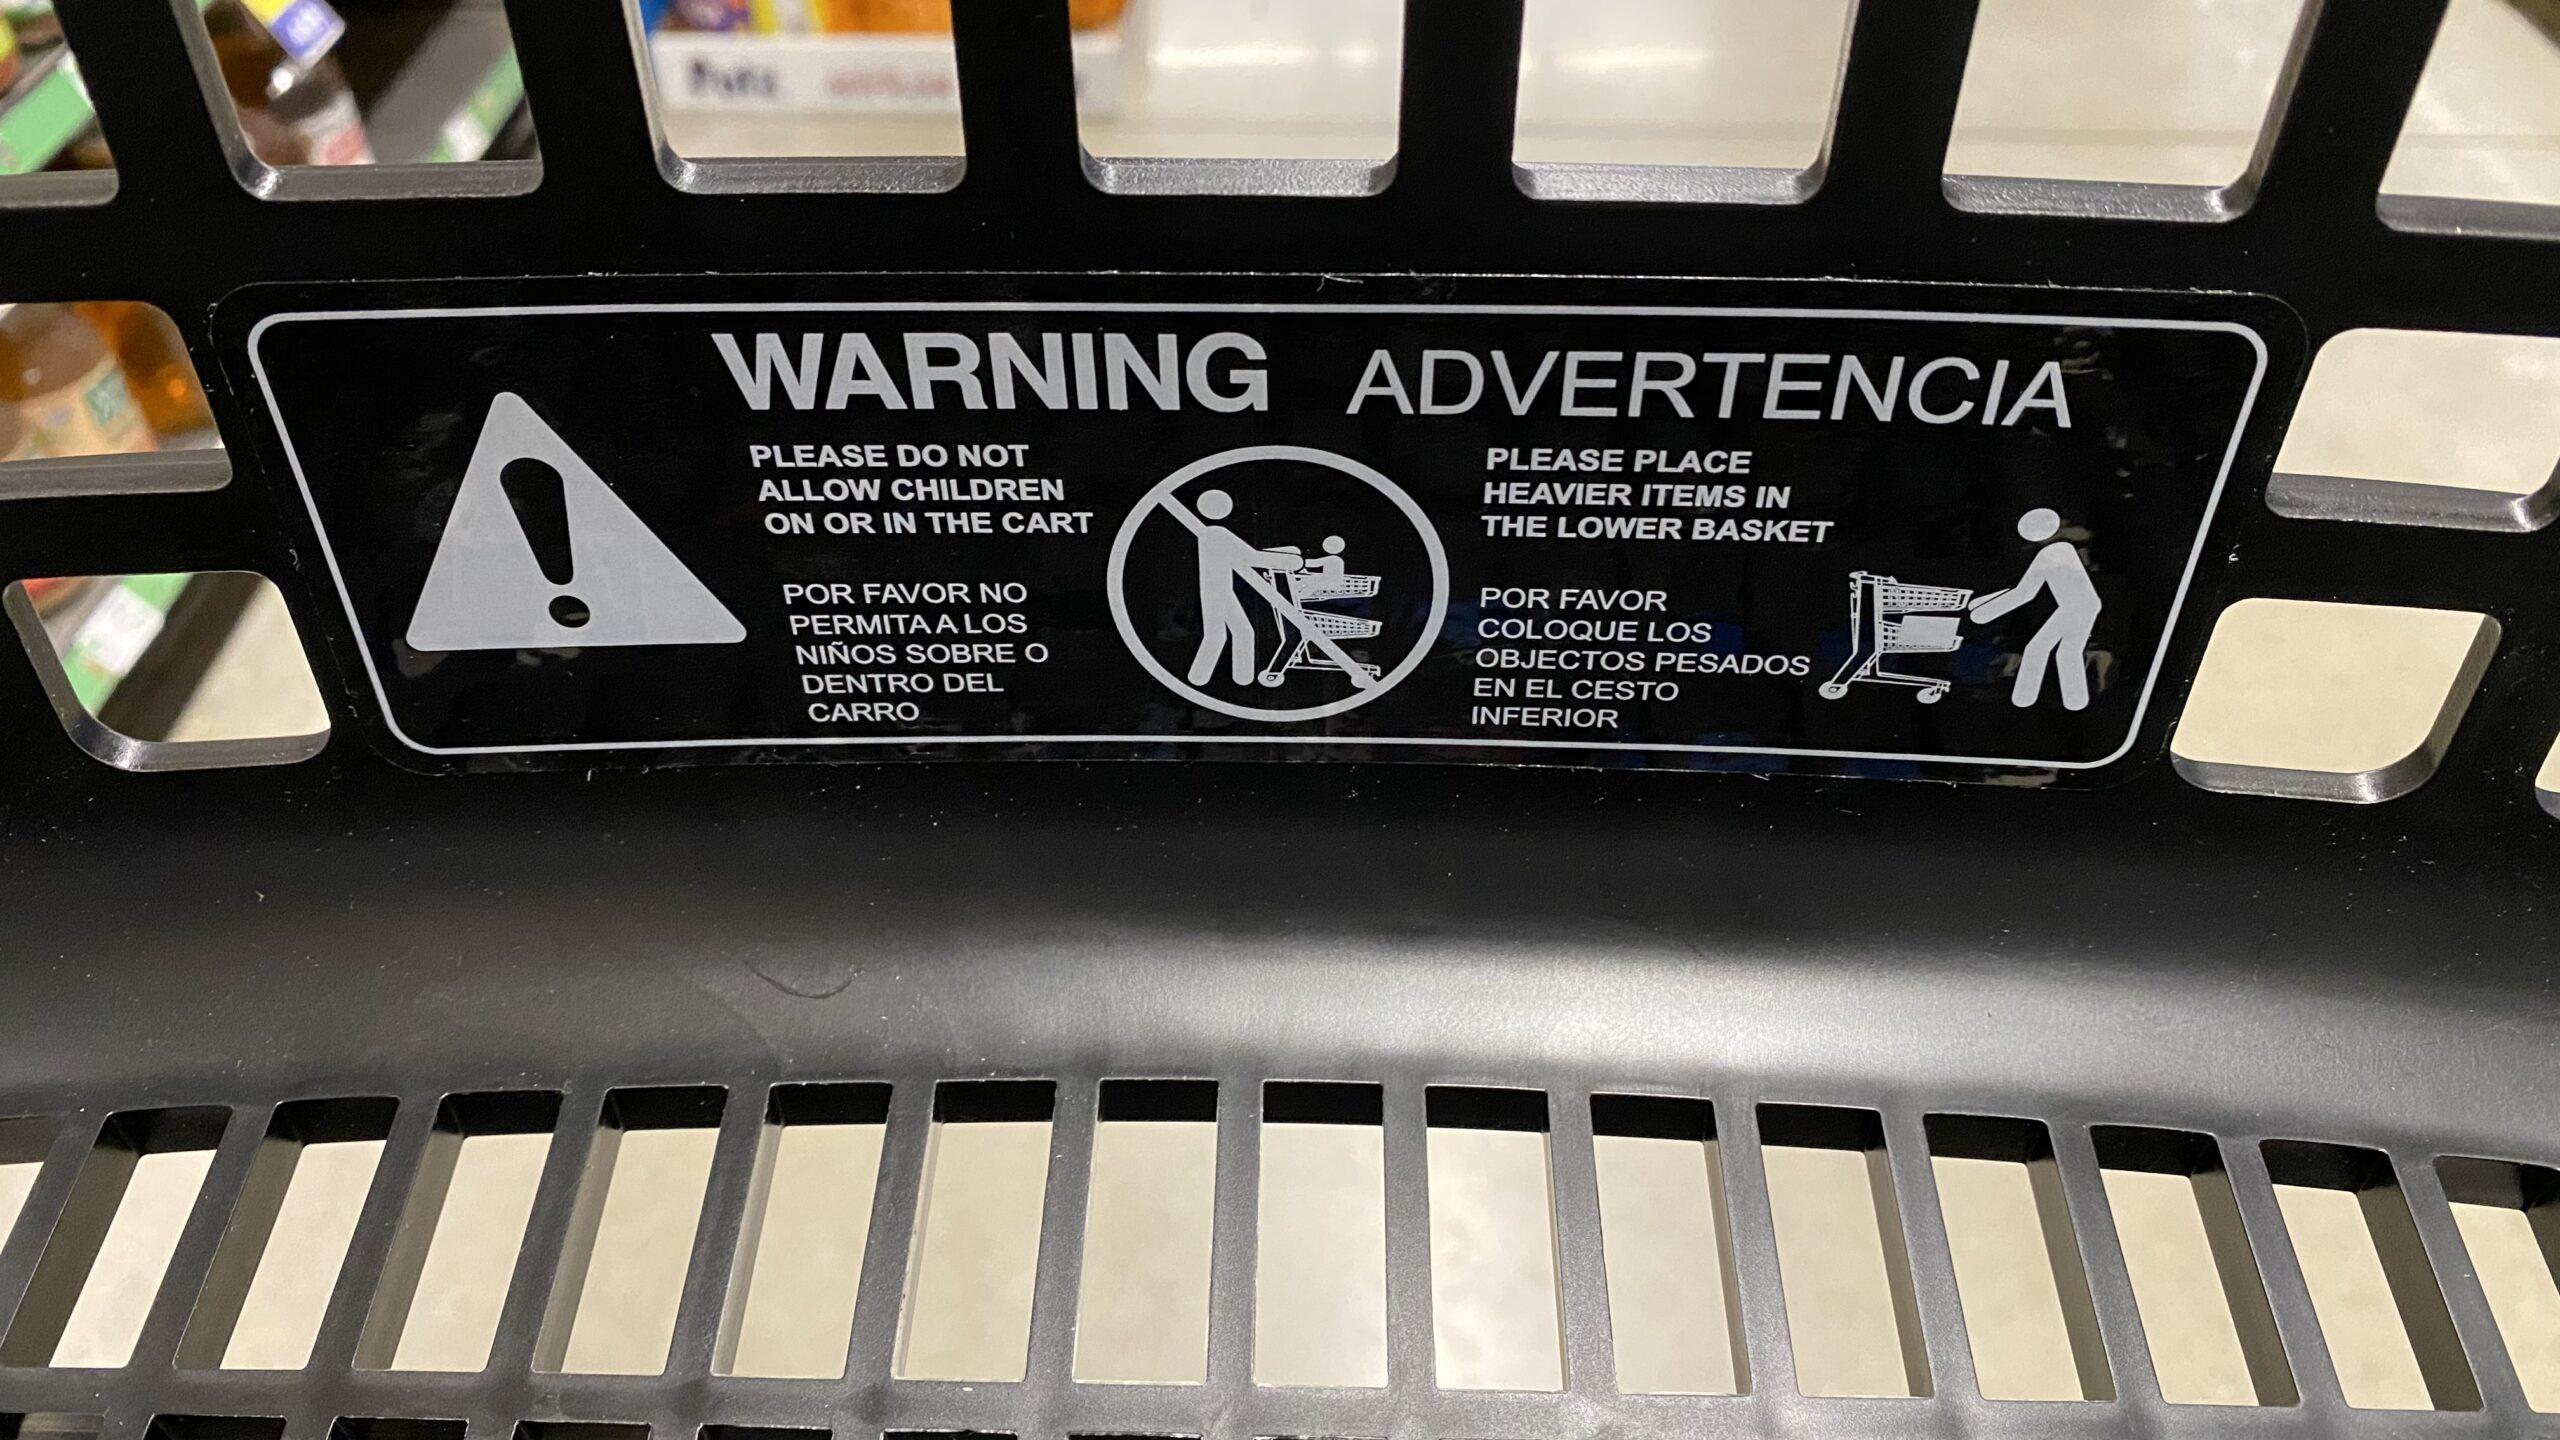 Shopping cart warning at Mariano's in Arlington Heights